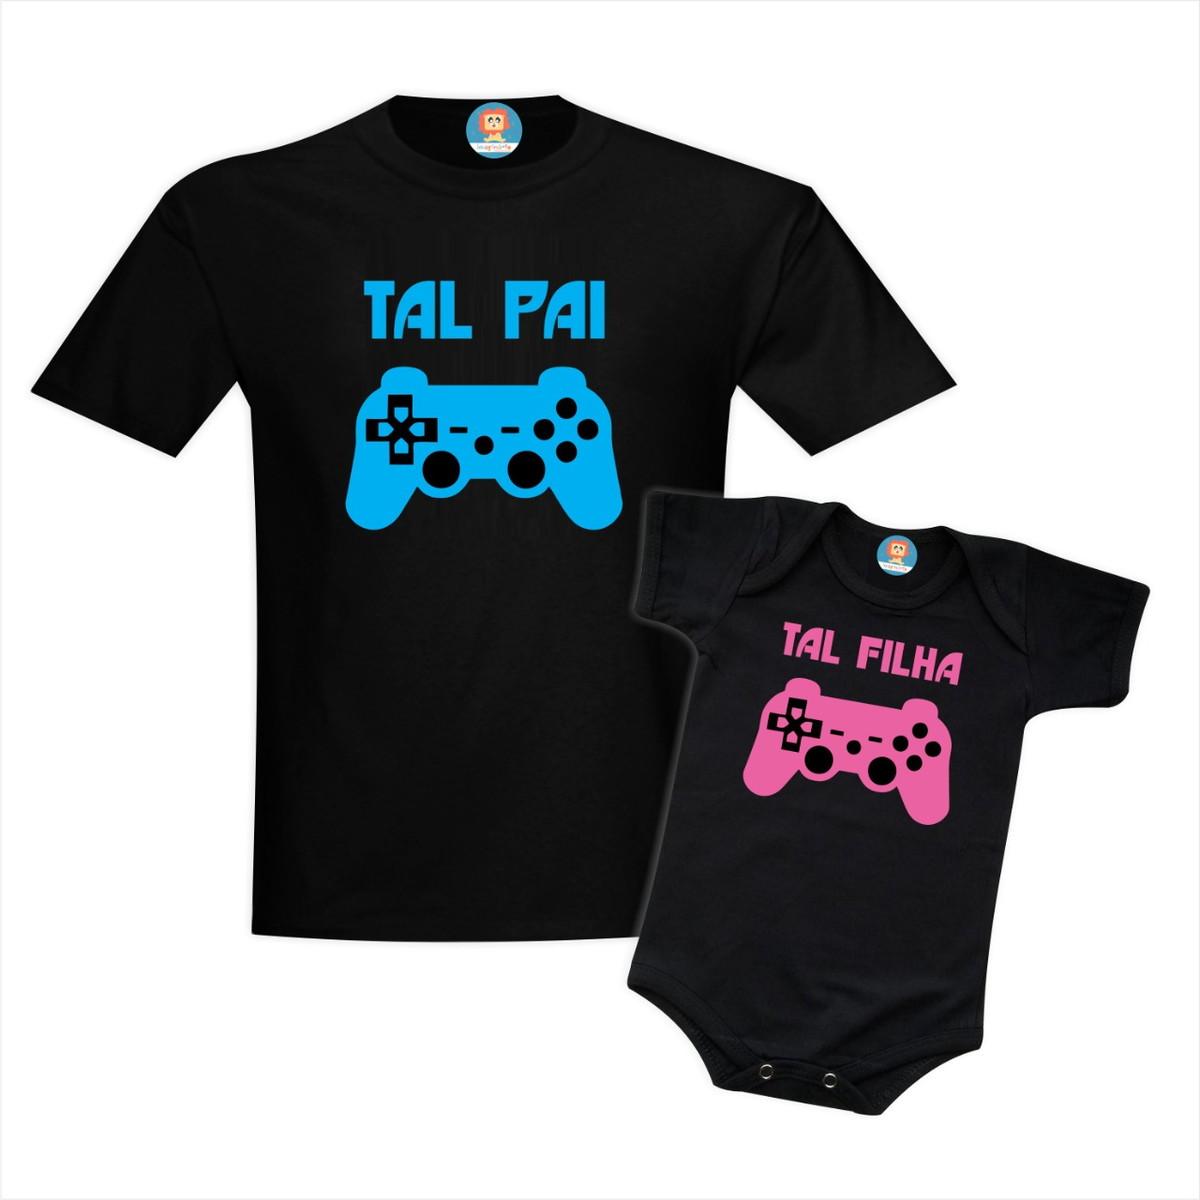 Kit Camiseta e Roupinha Infantil Controle de Vídeo Game